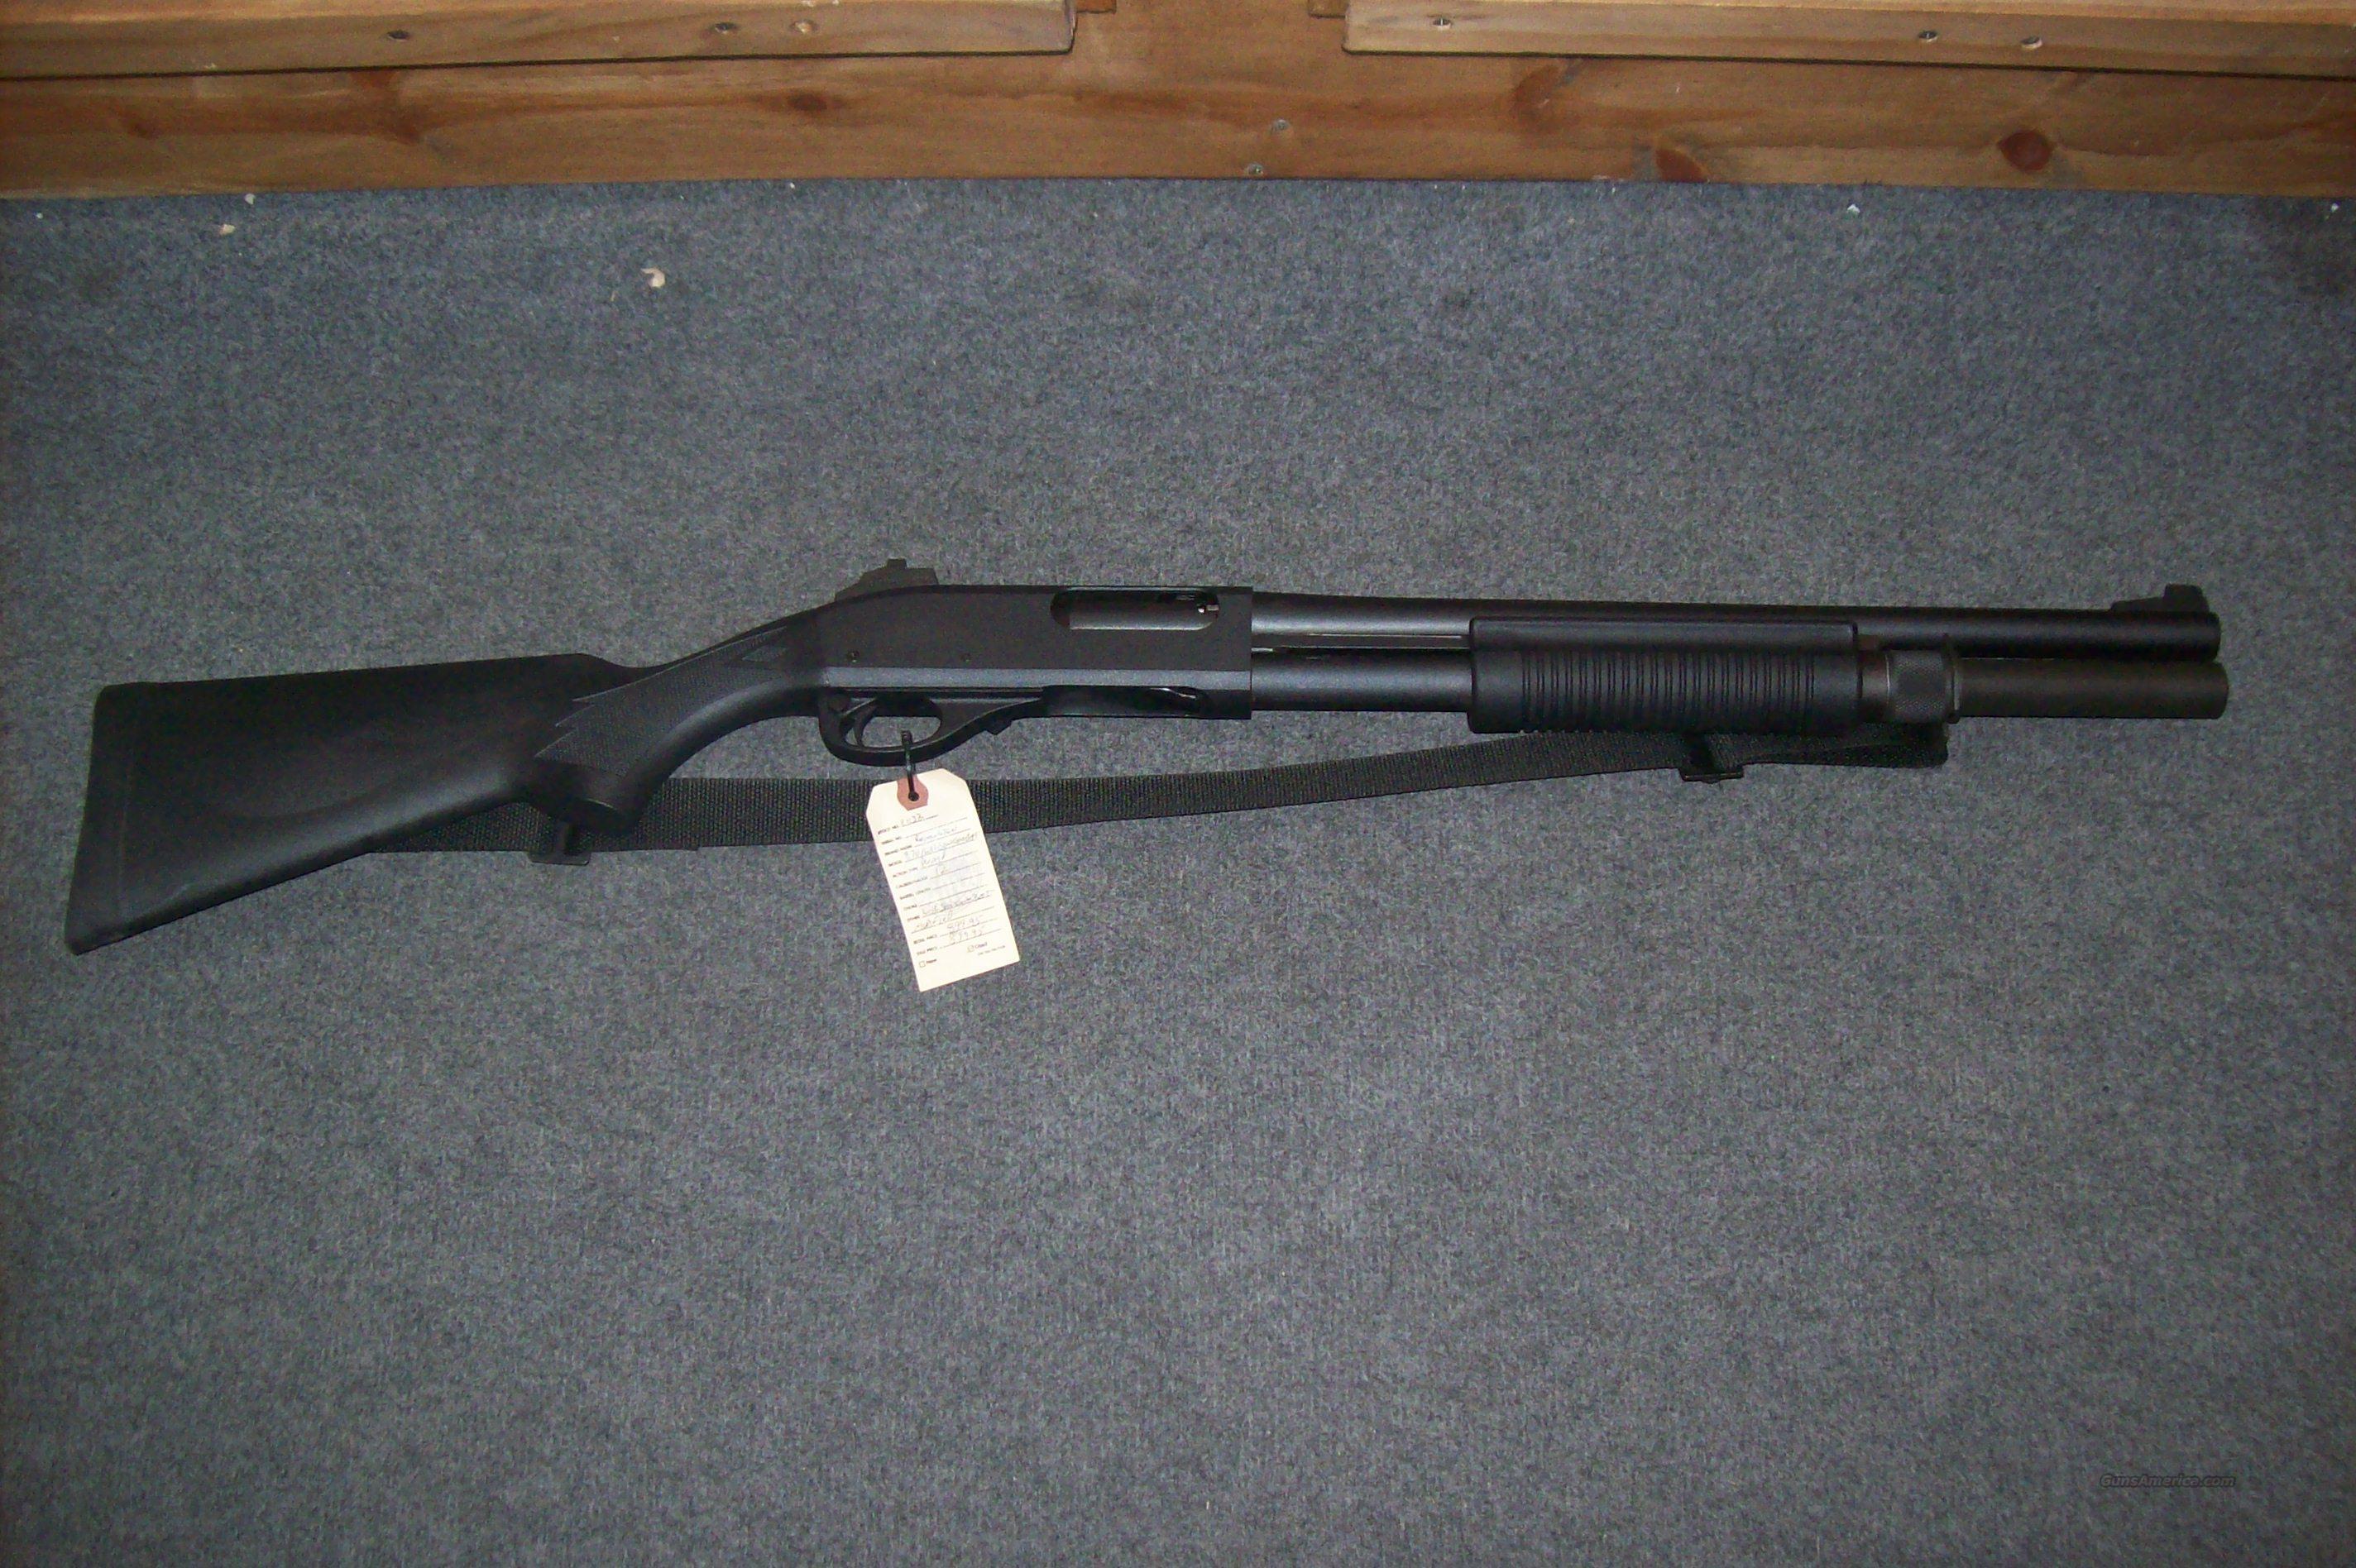 Remington 870 / Wilson Combat 12 Gauge Pump Sho... for sale